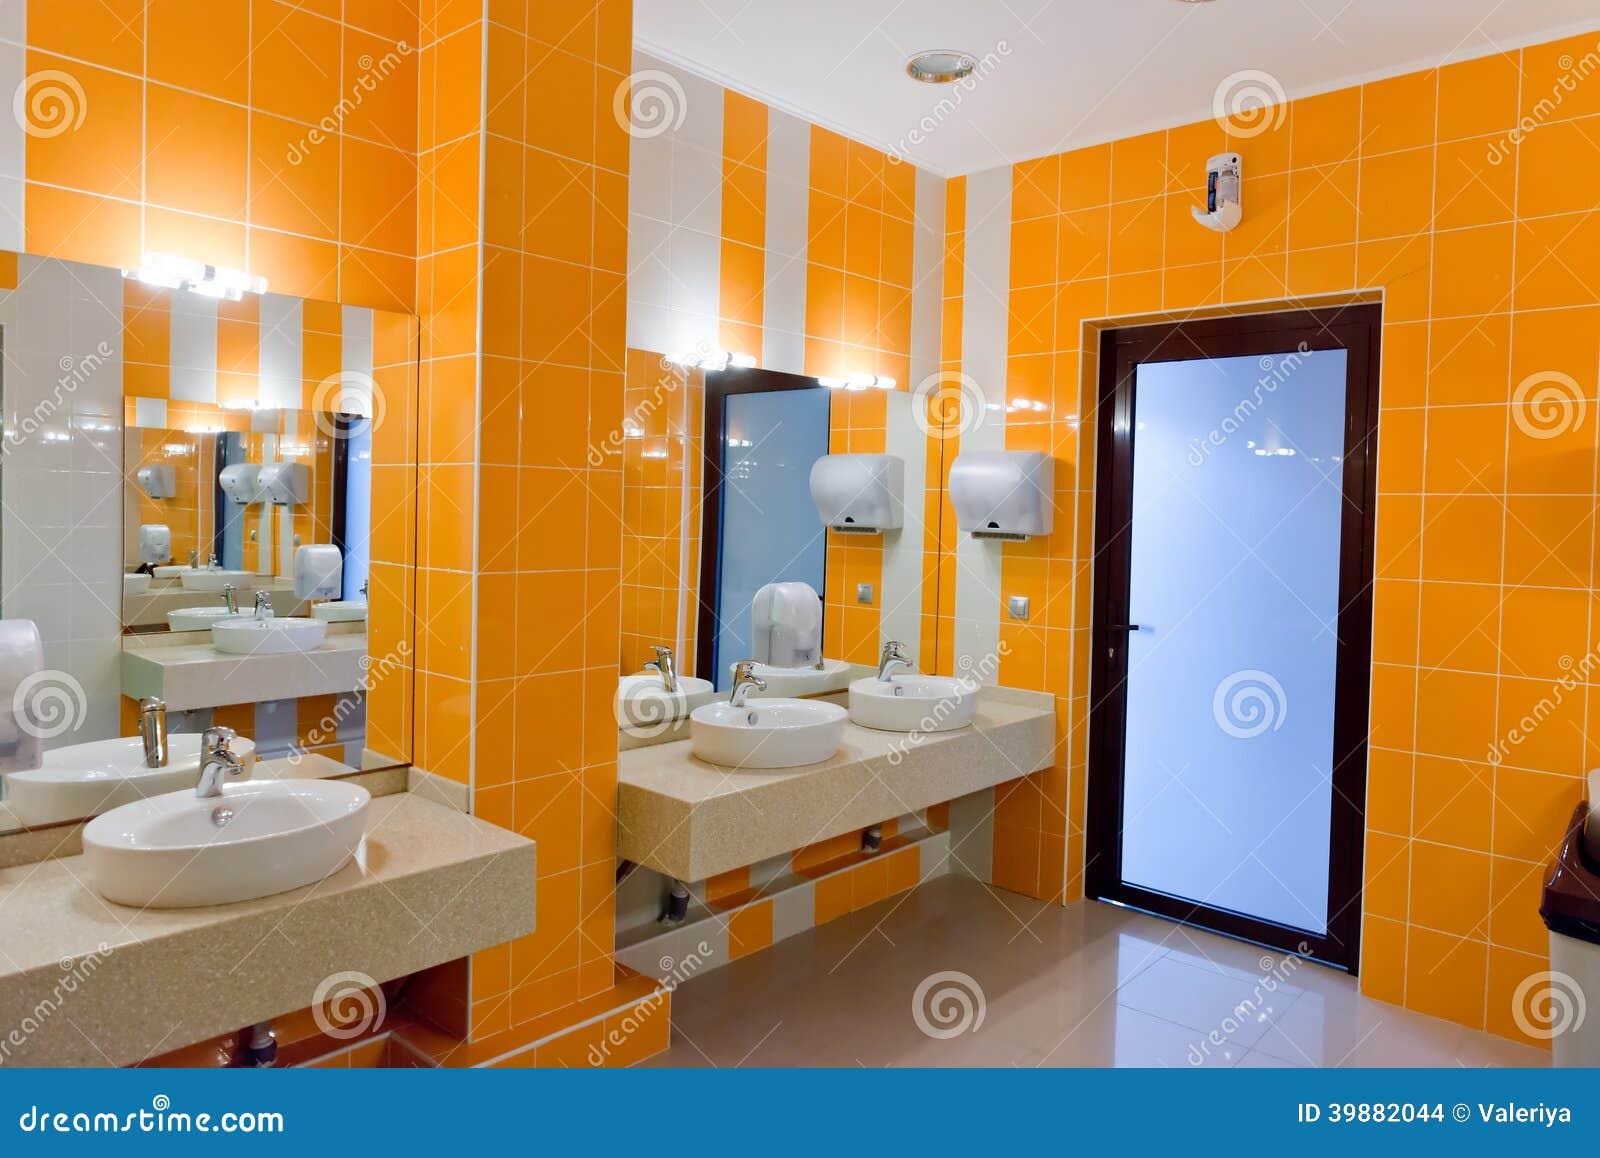 Toilettes publiques avec le miroir de lavabos photo stock for Le miroir de l eau